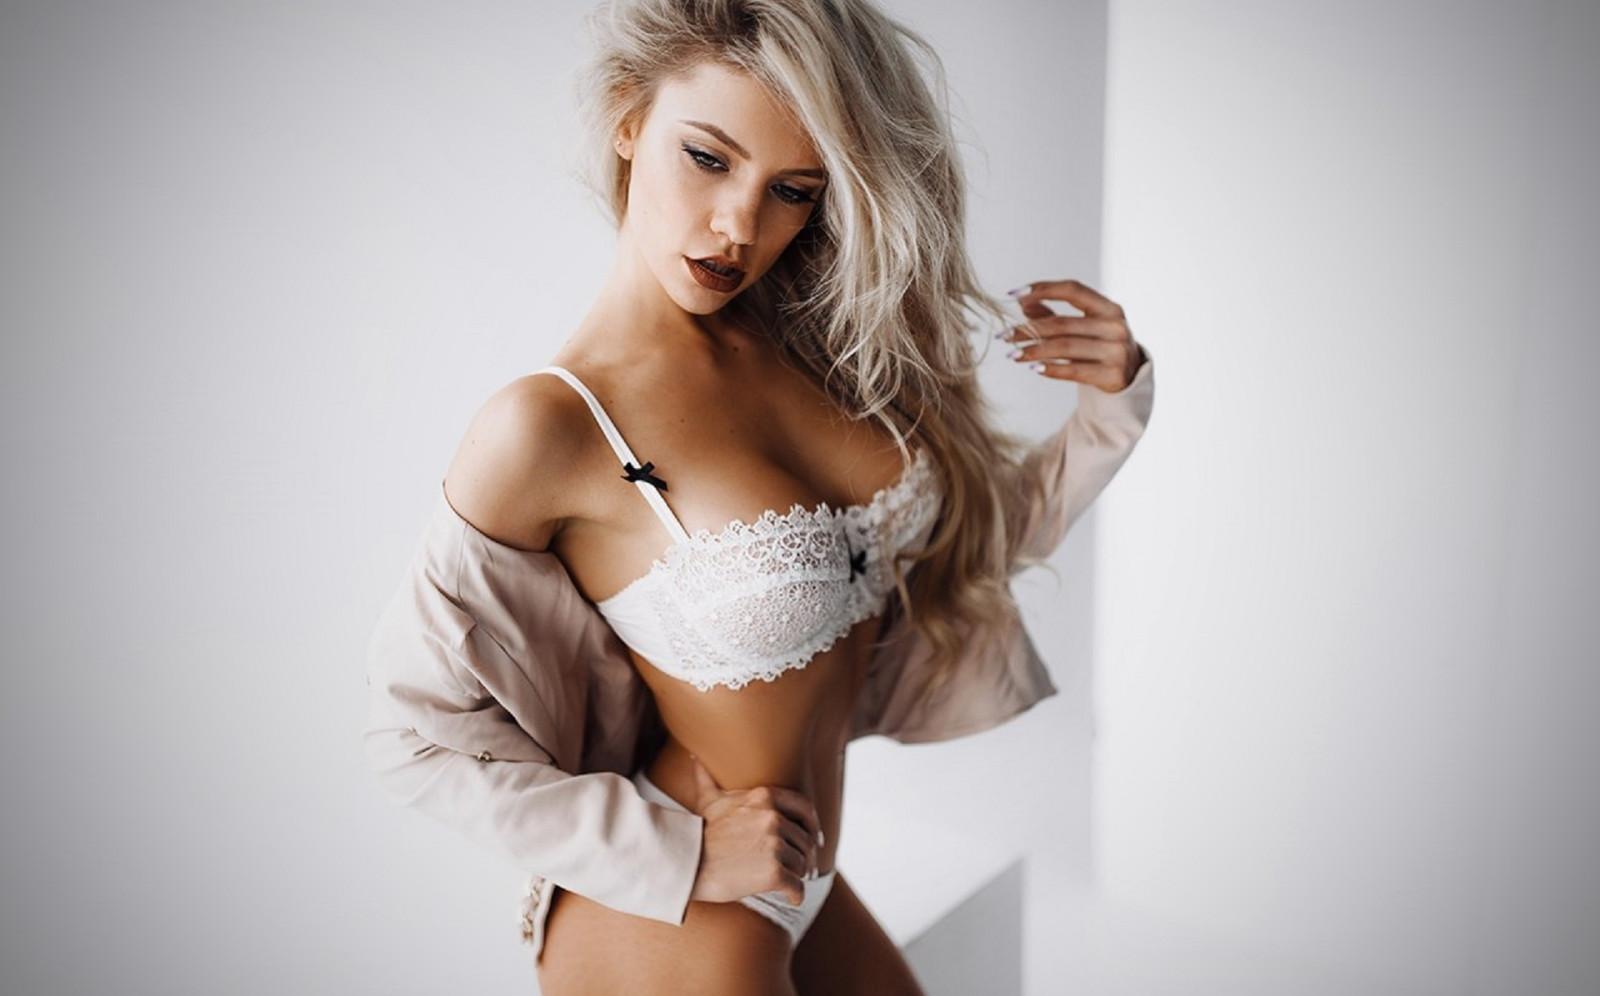 women-blonde-girl-lingerie-naked-middle